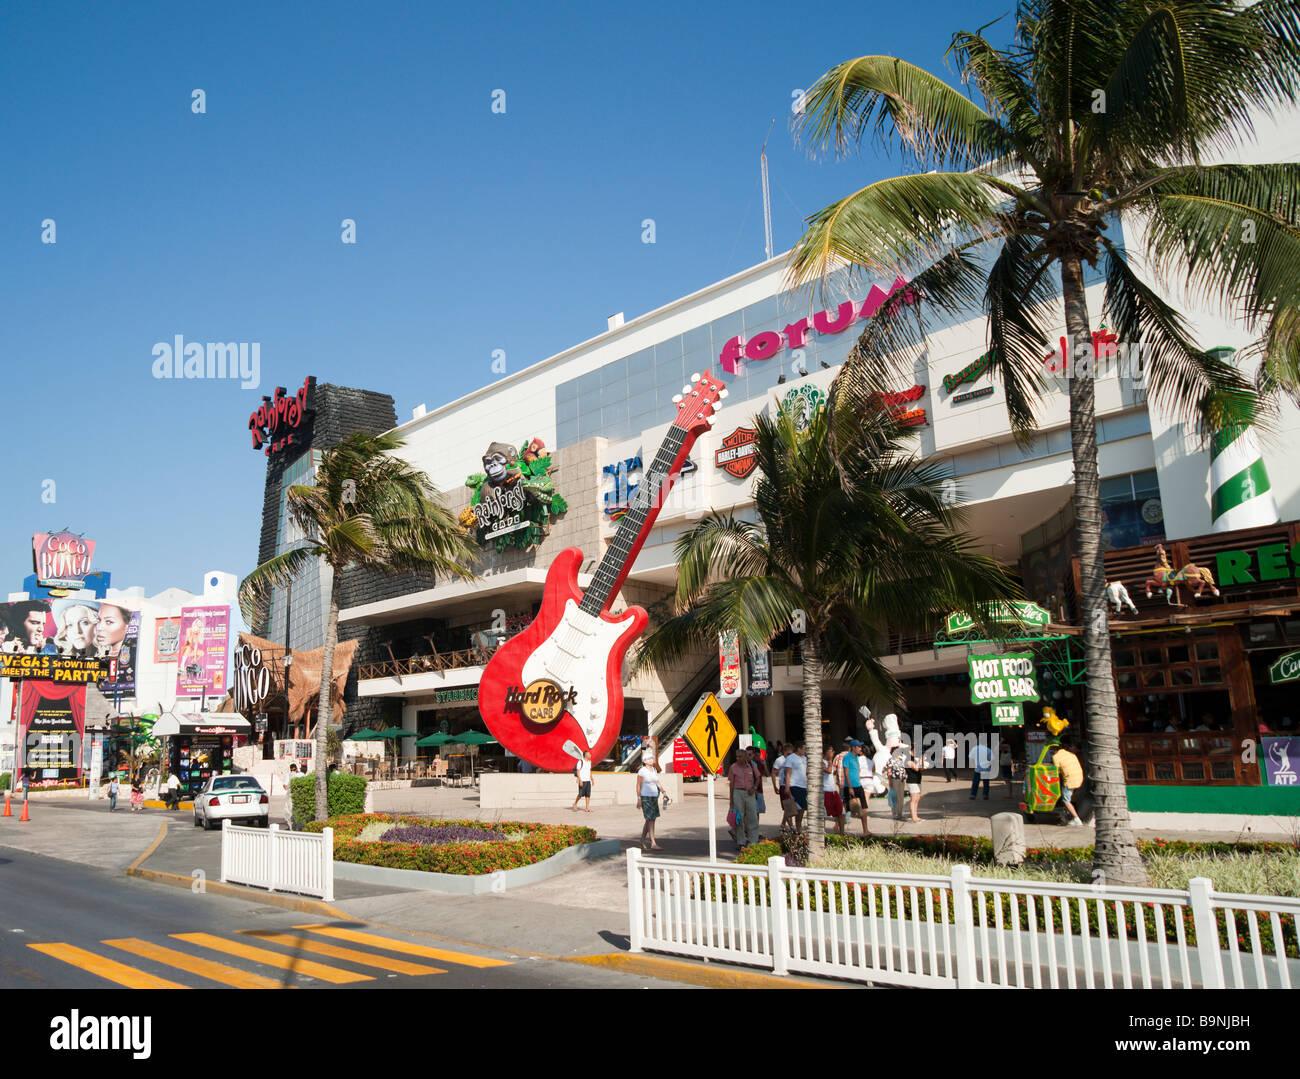 México - Yucatán Cancun zona hotelara con Hard Rock Cafe y el forum shopping mall Imagen De Stock